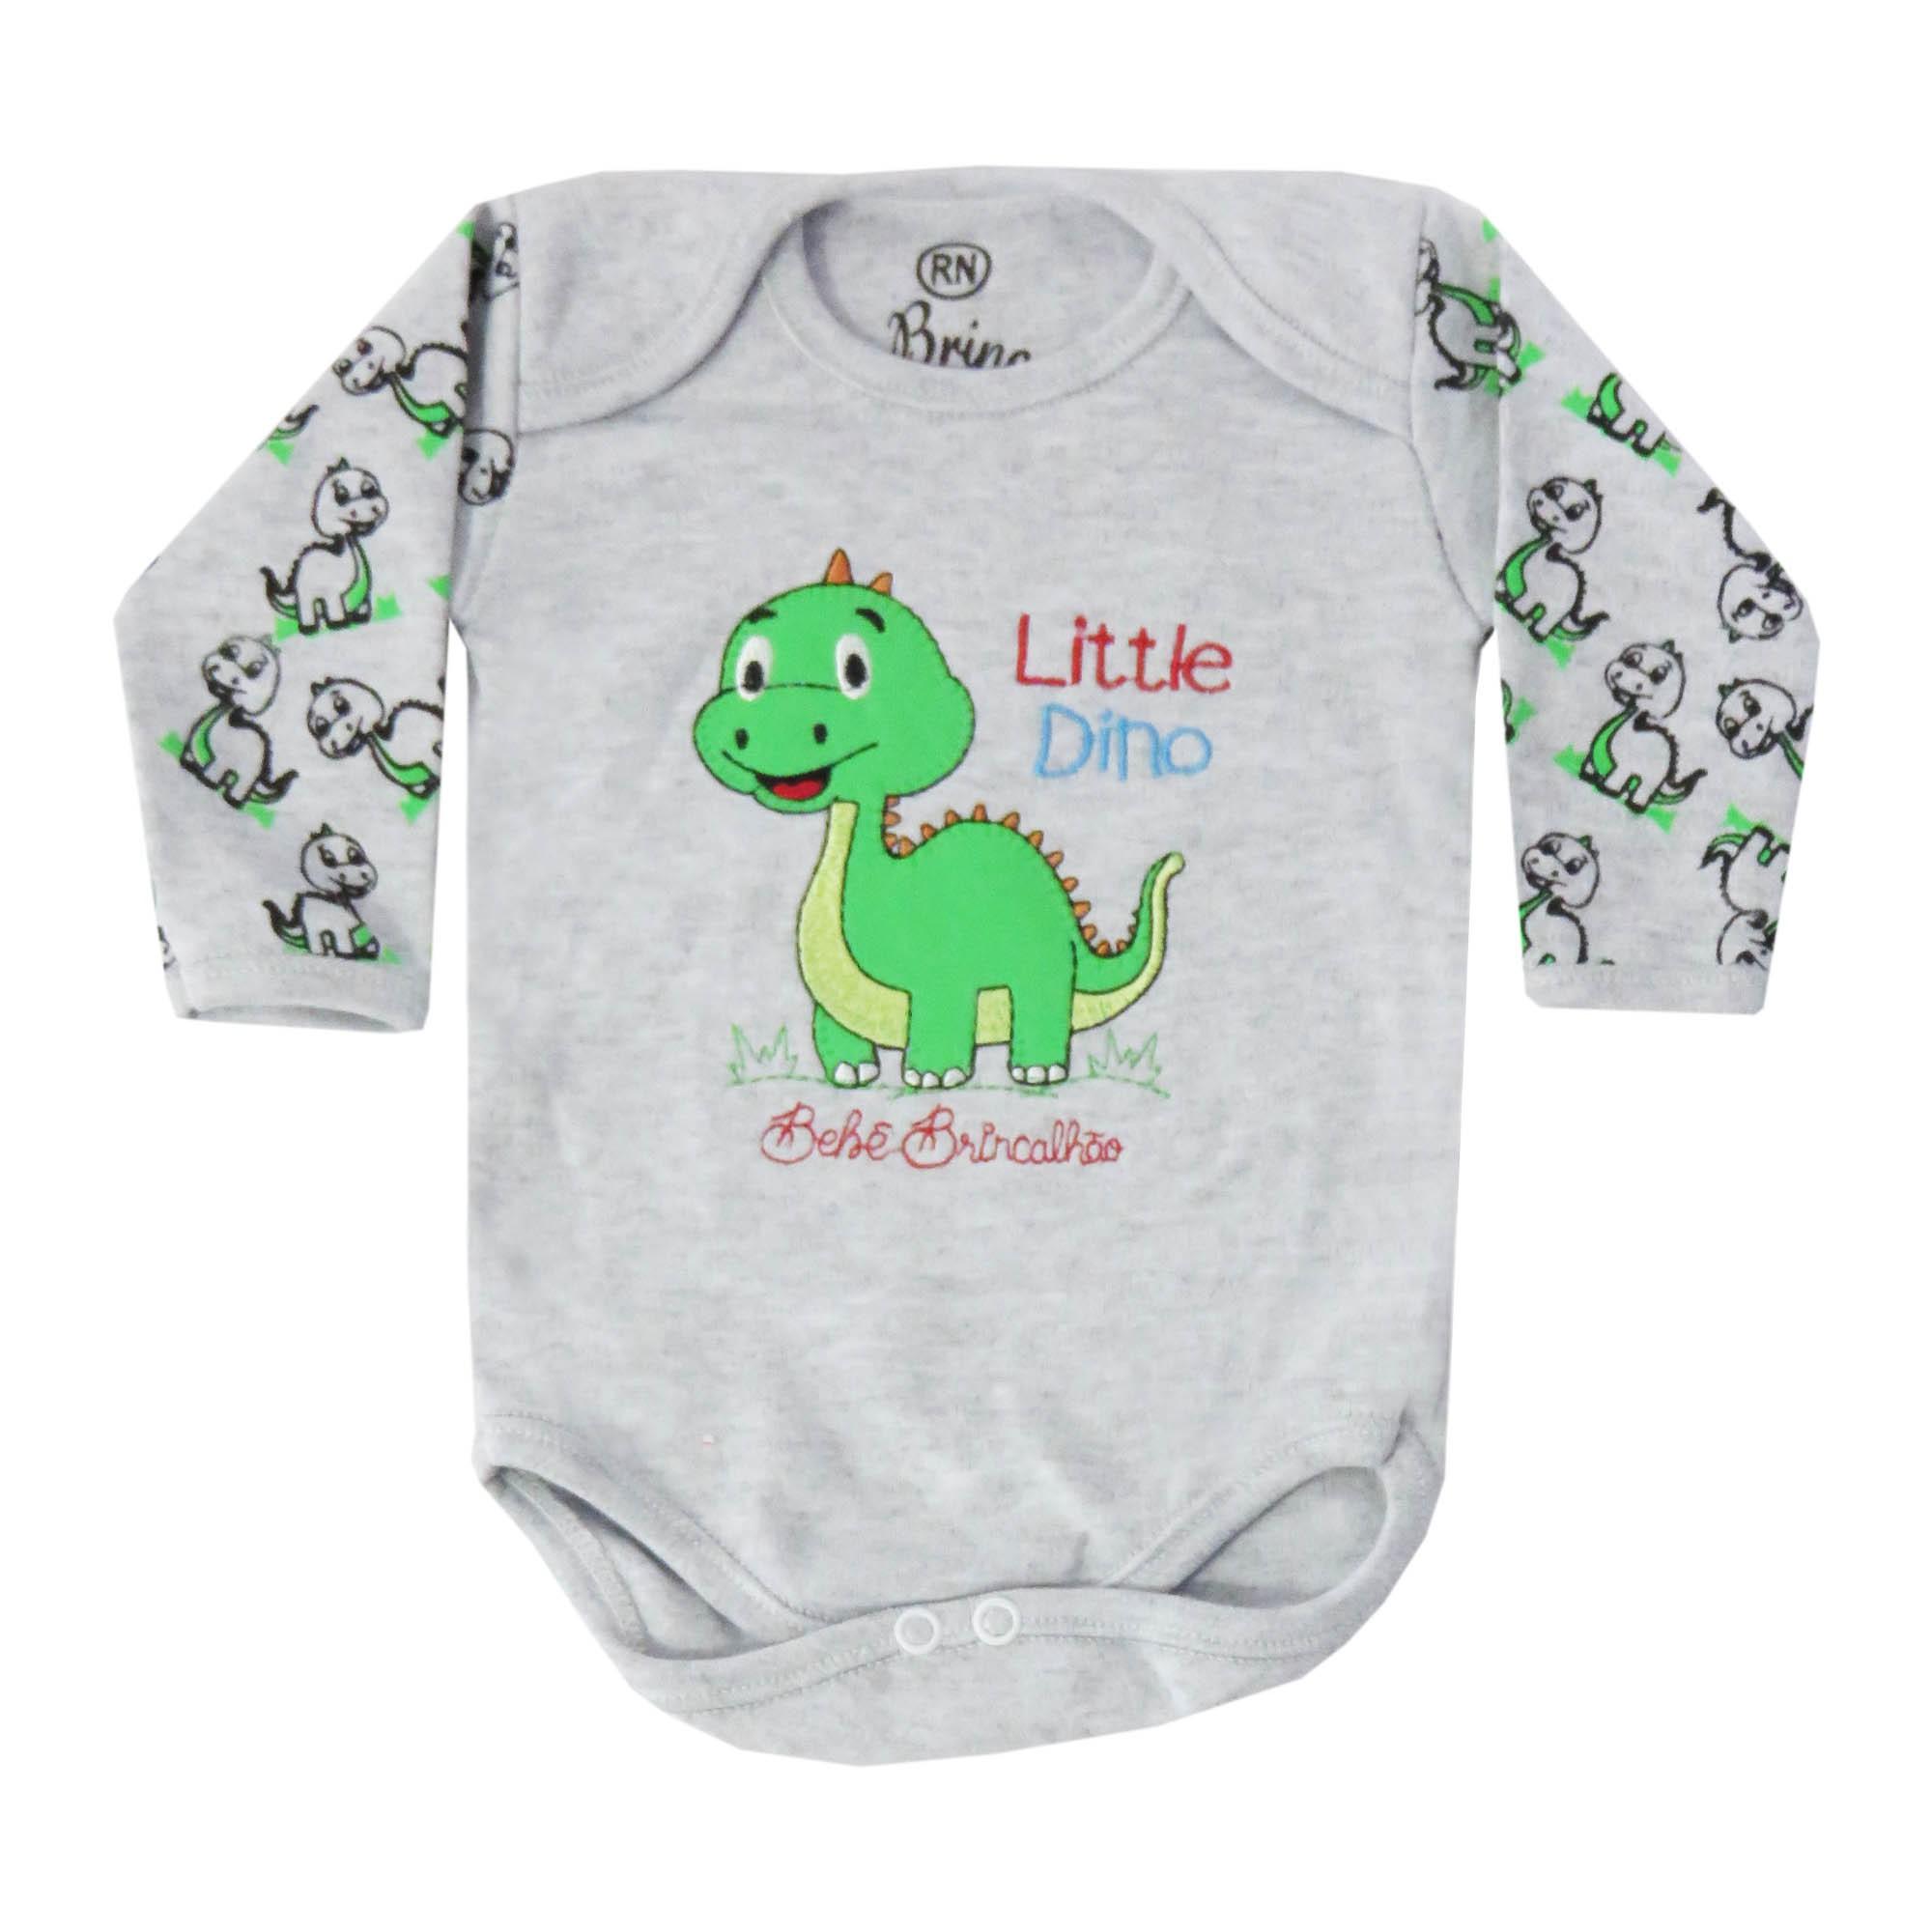 Body Manga Longa Bebê Brincalhão Bordado Dinossauros - Rn ao G